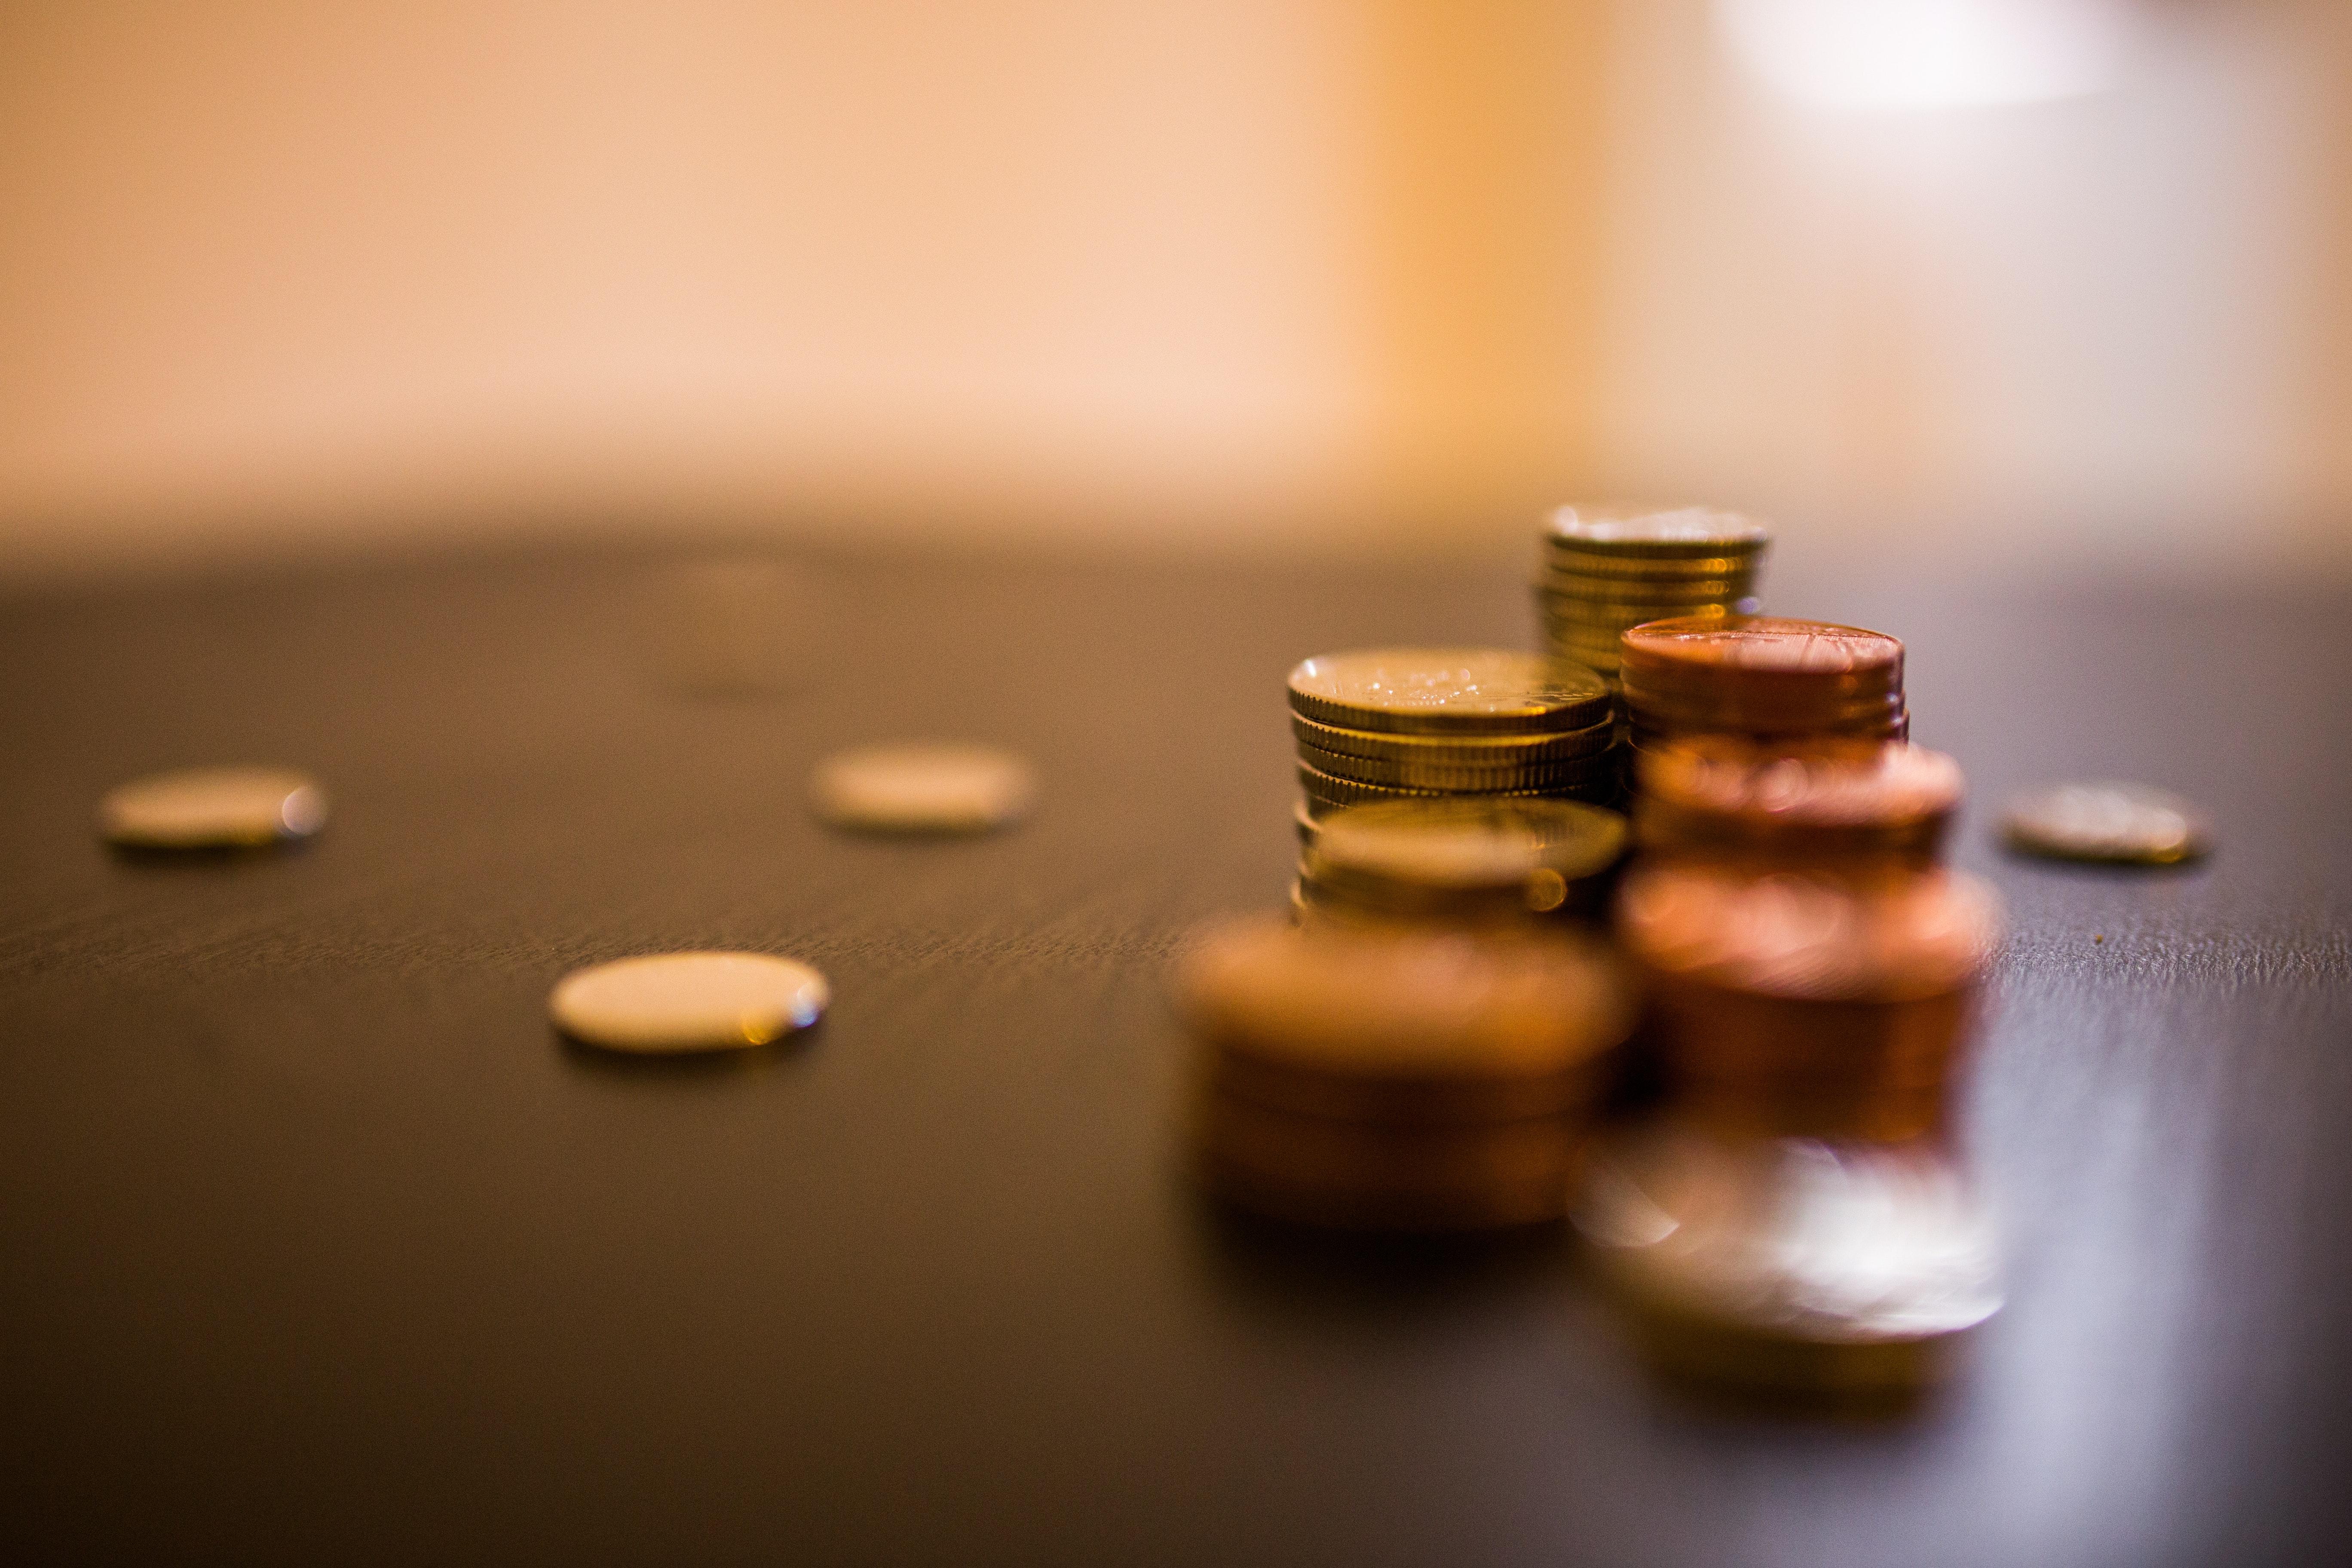 Sådan får du råd til at finansiere dit ophold i udlandet